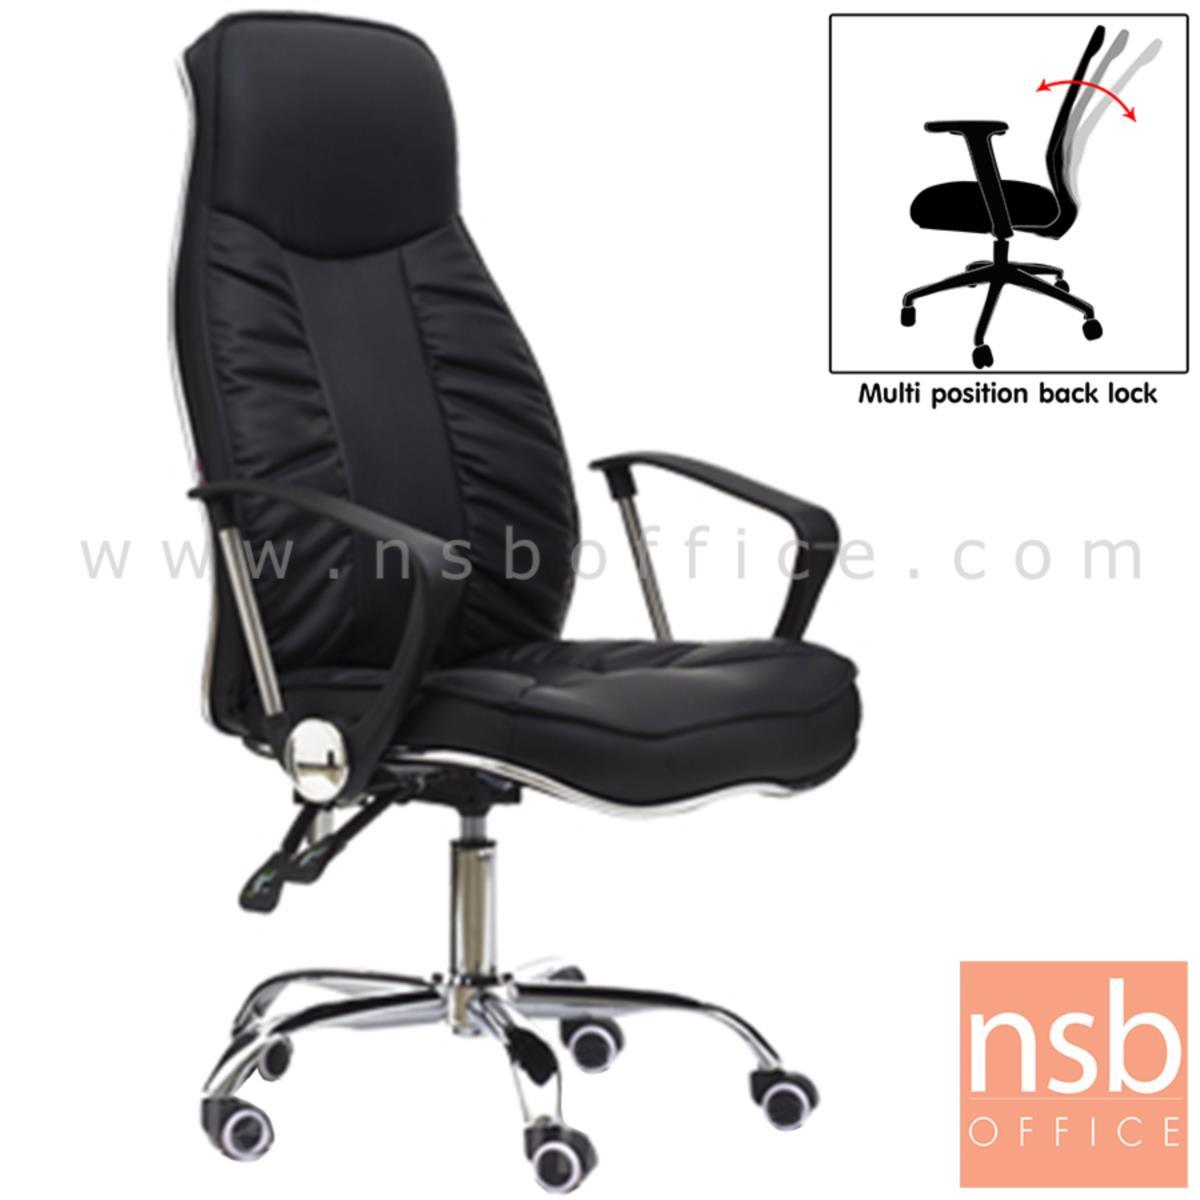 B01A339:เก้าอี้ผู้บริหาร รุ่น moonlight (มูนไลท์)  โช๊คแก๊ส มีก้อนโยก ขาเหล็กชุบโครเมี่ยม